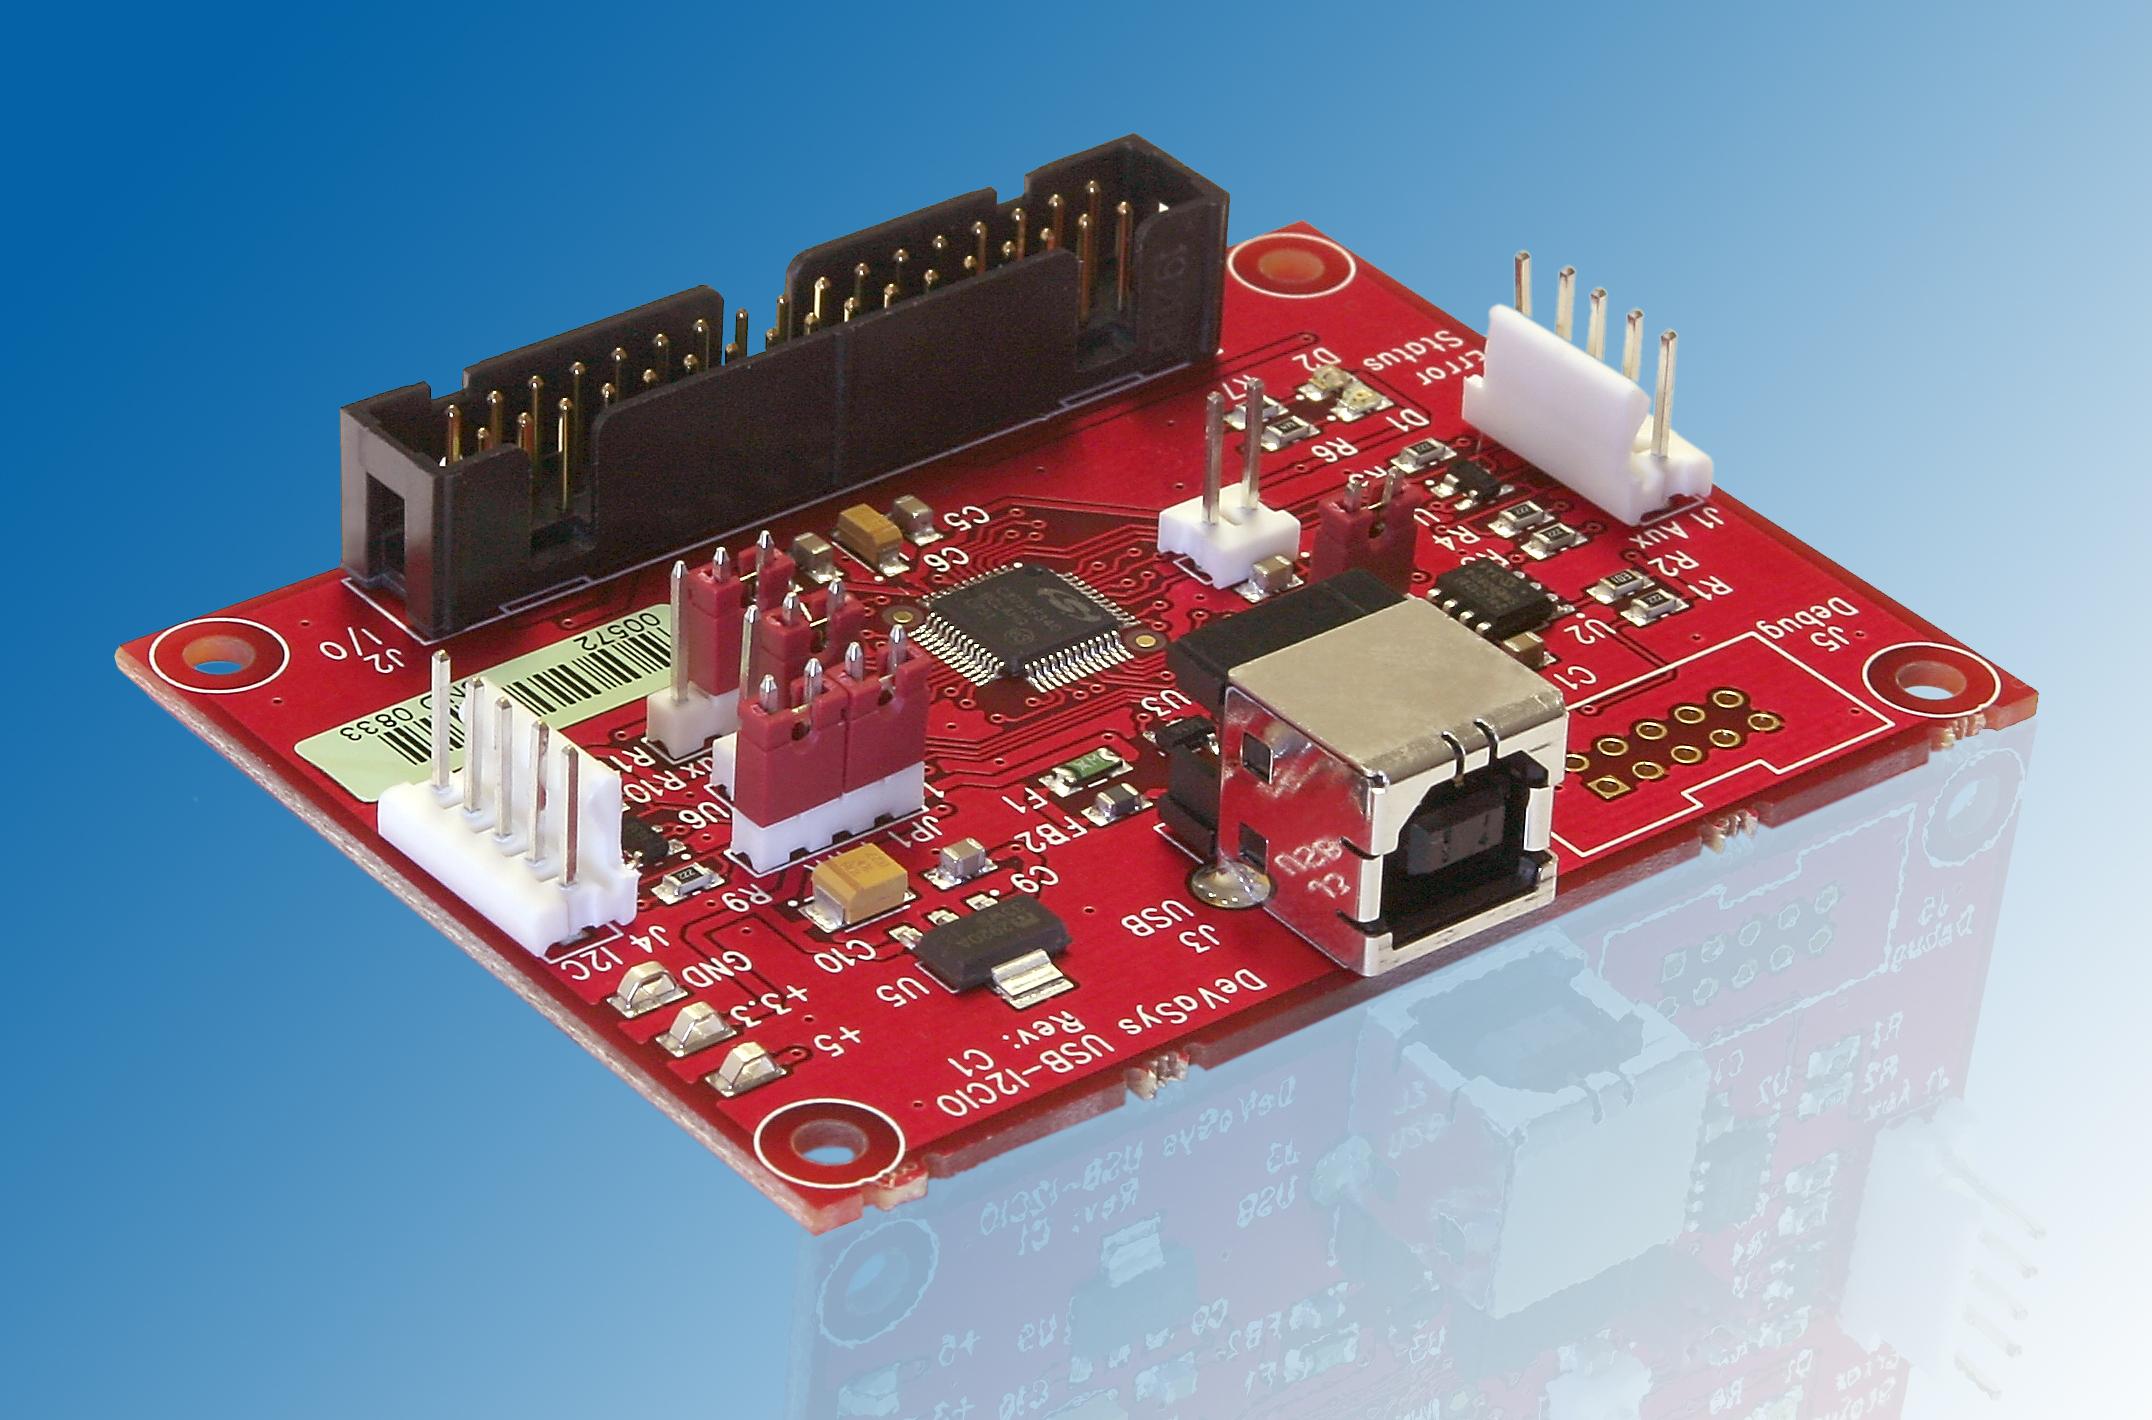 Usb I2c Io Rev C1 Interface Schematic Photo Of Board